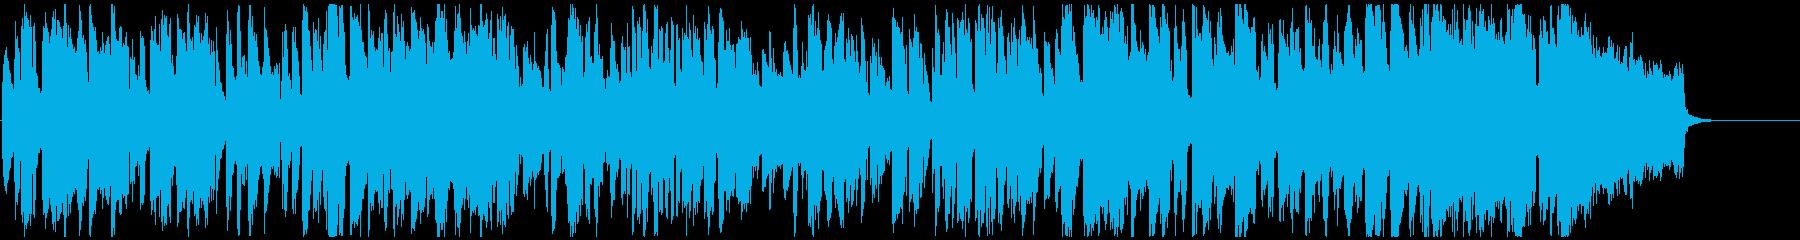 カジノやショーの幕開け的ジャズ※60秒版の再生済みの波形